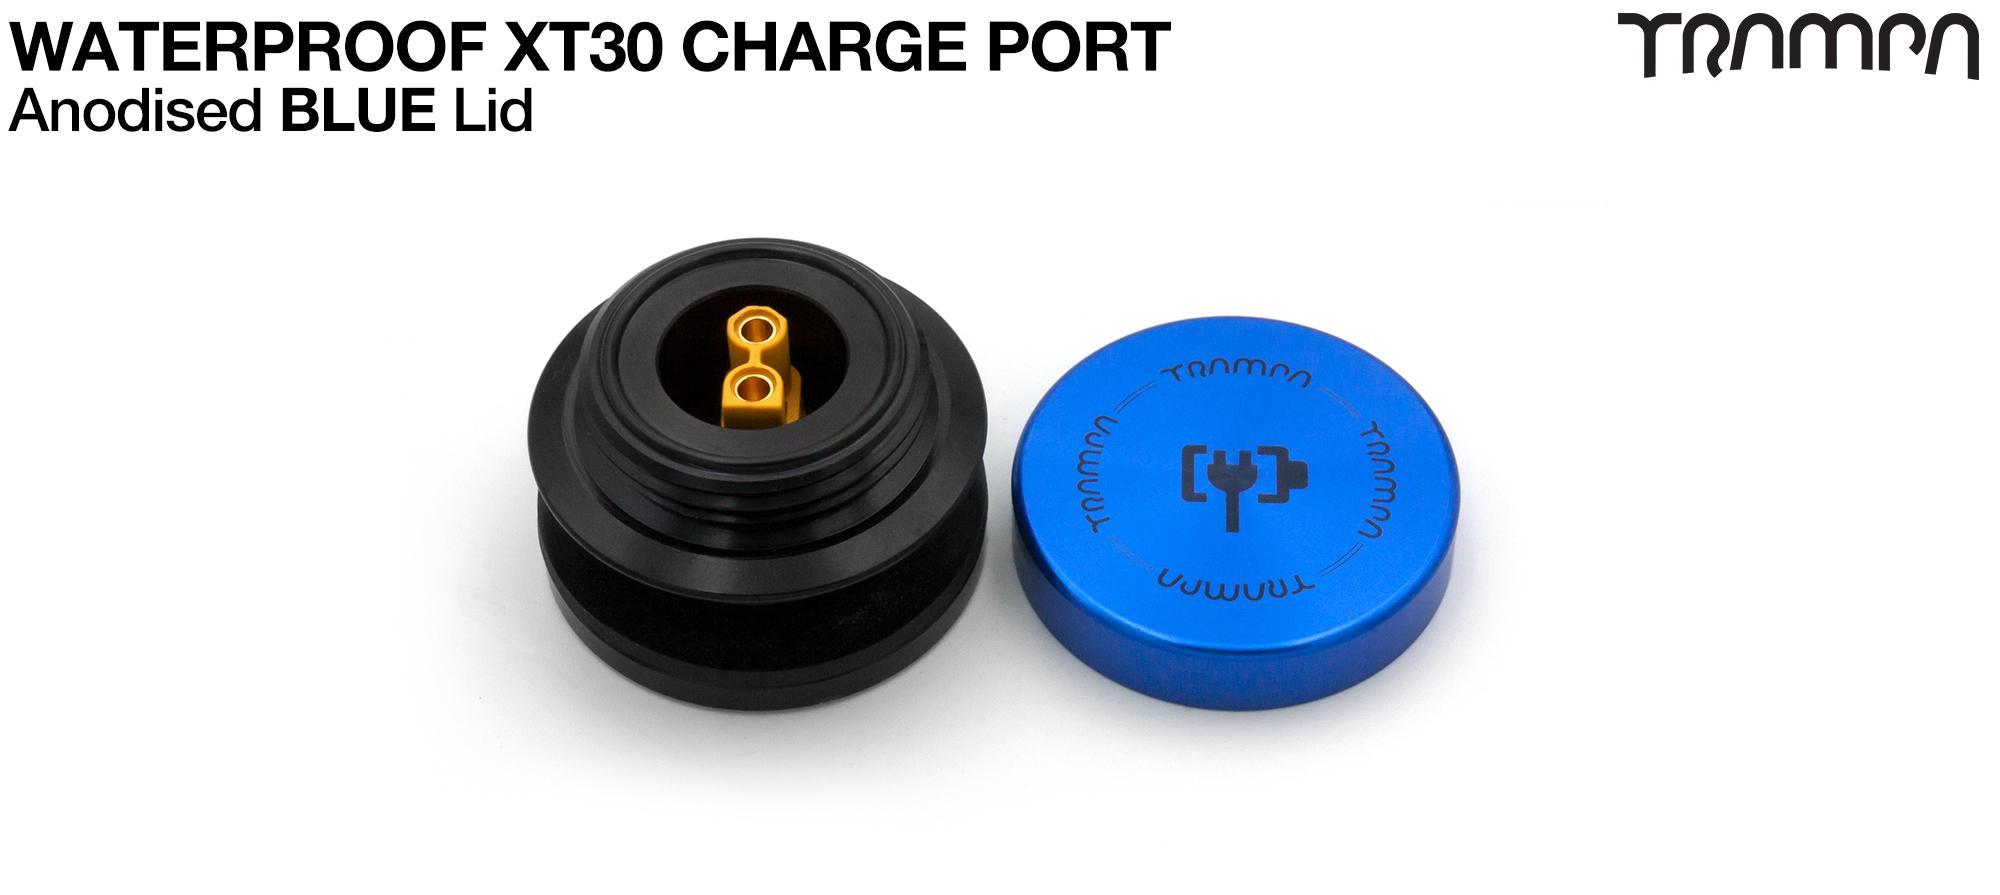 ORRSOM GT XT30 WATERPROOF Charge Port - BLUE